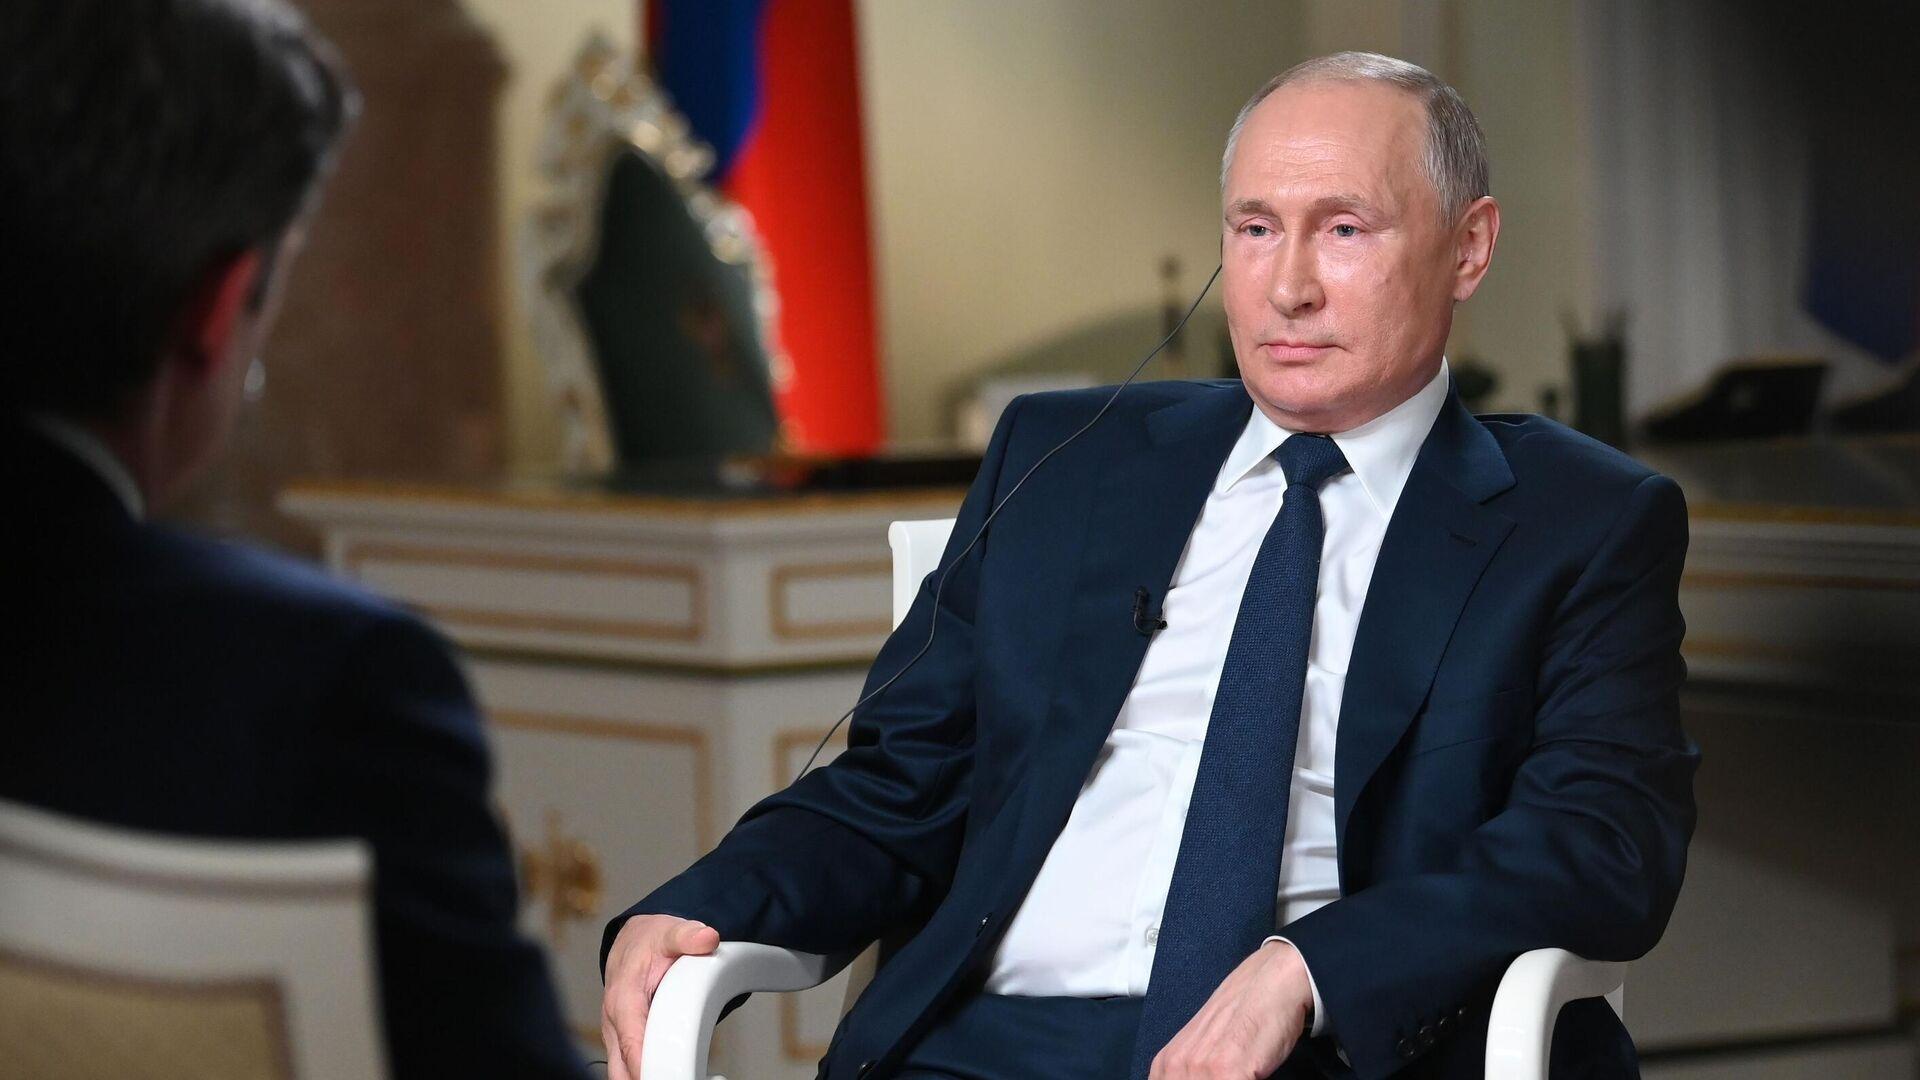 Vladimir Putin dà un'intervista alla NBC, 2021 - Sputnik Italia, 1920, 15.06.2021